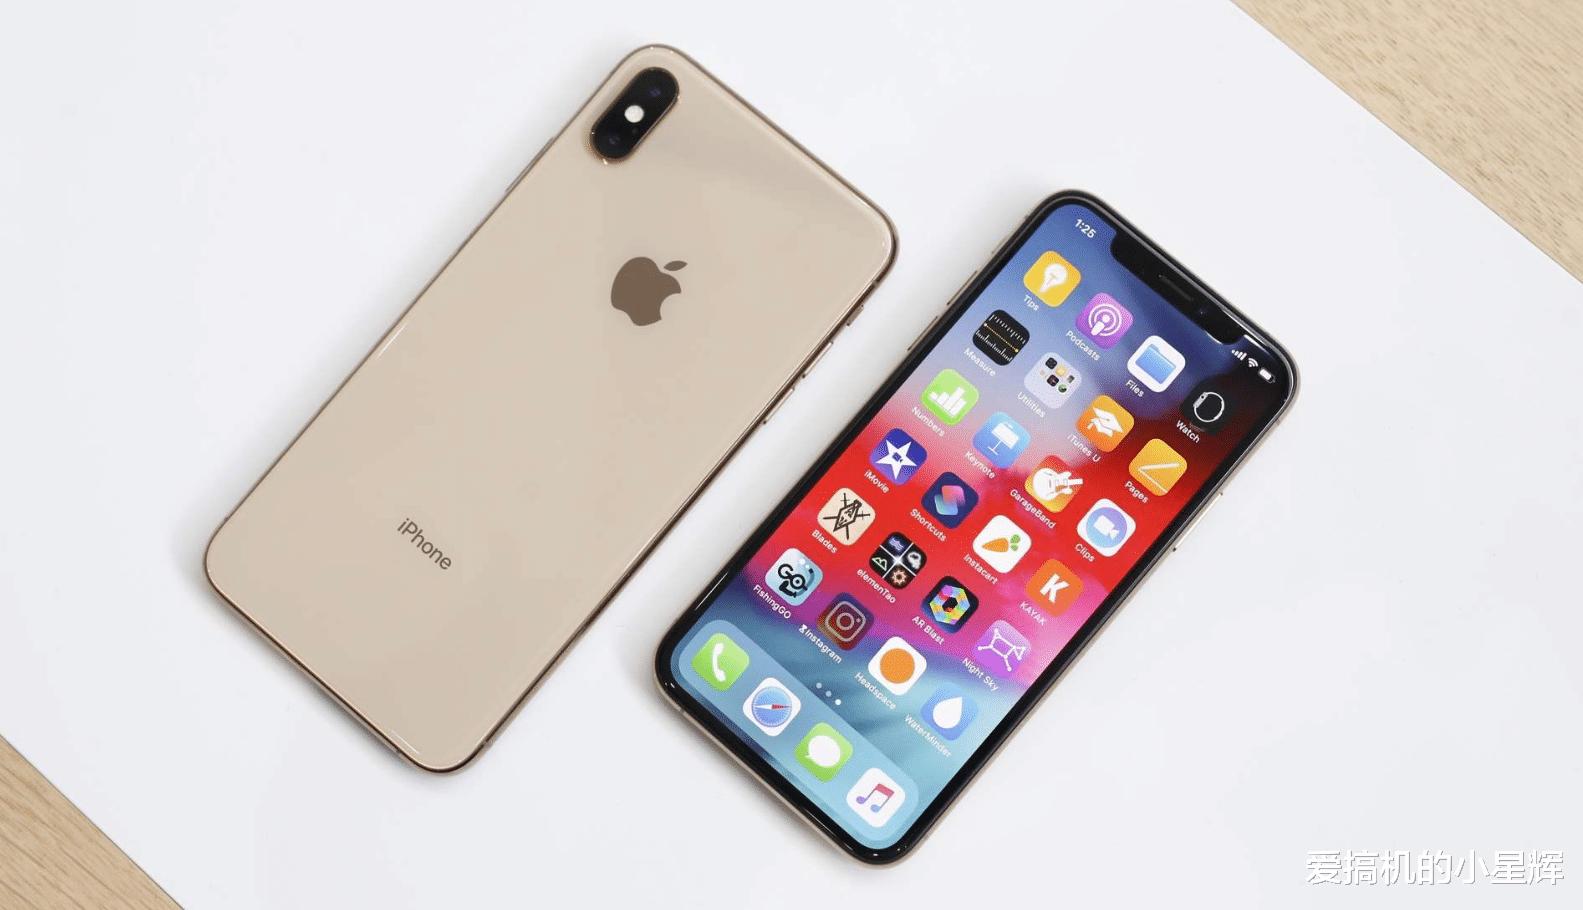 曾经被冷落的iPhoneXS,如今彻底跌至清仓价,还来得及吗?